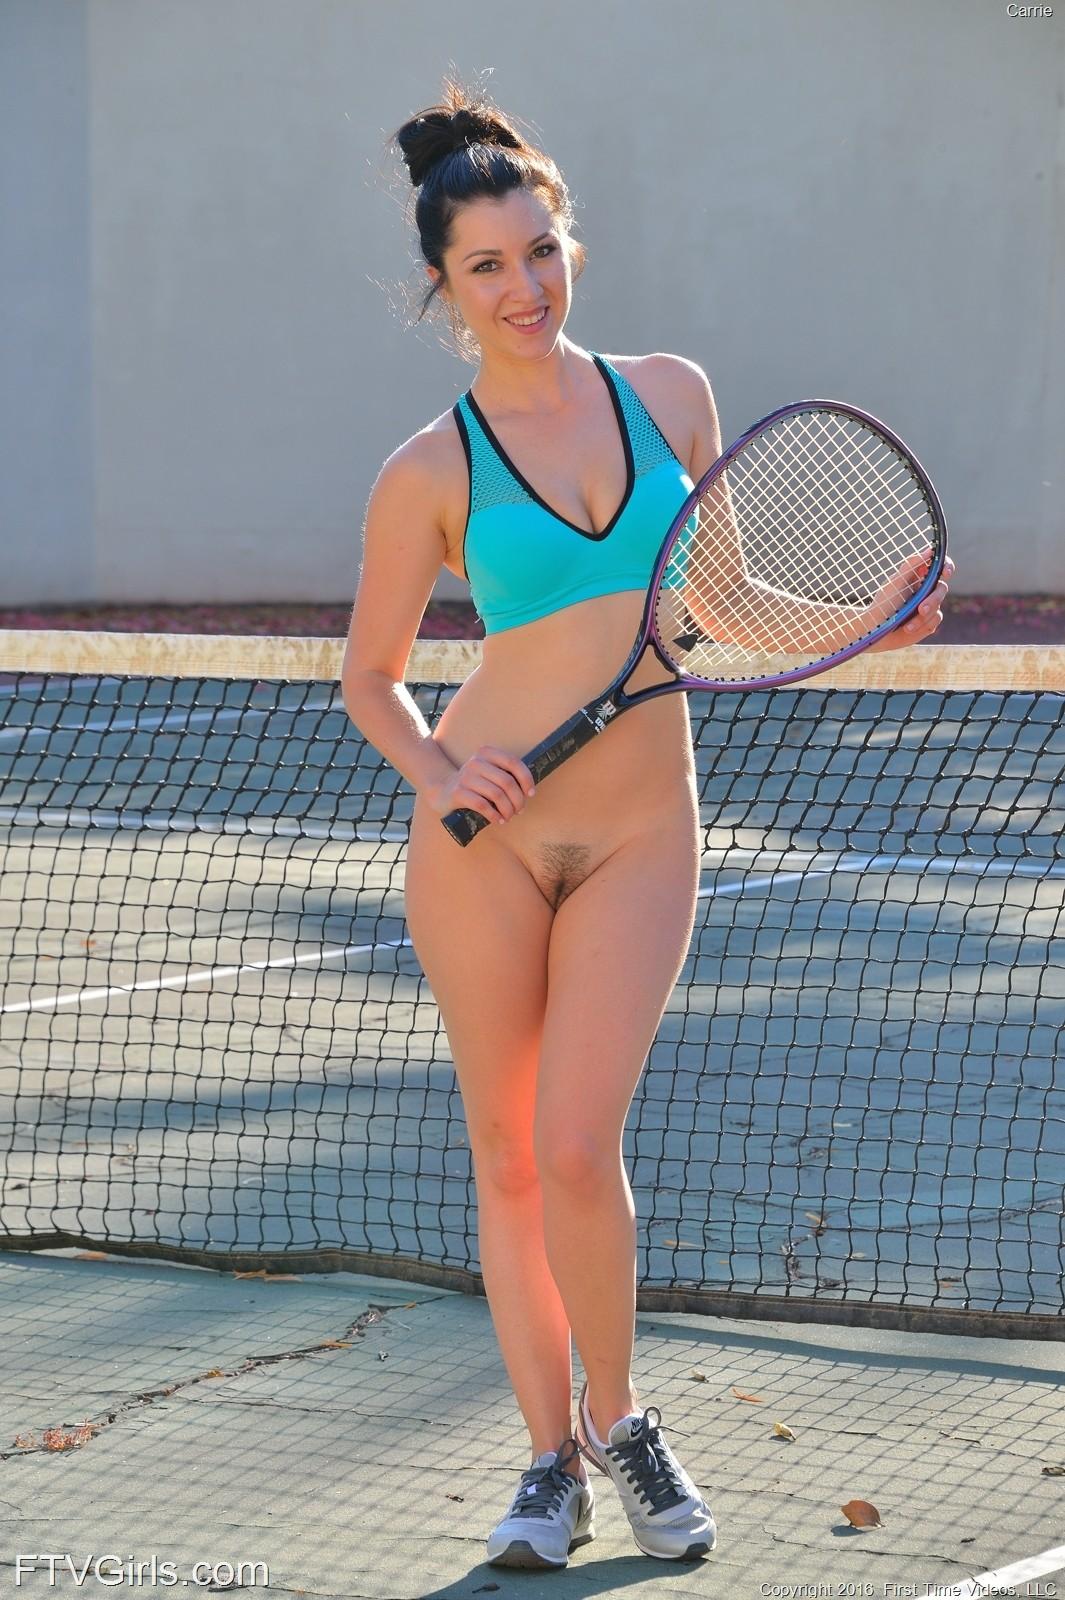 Naked Tennis Ladies